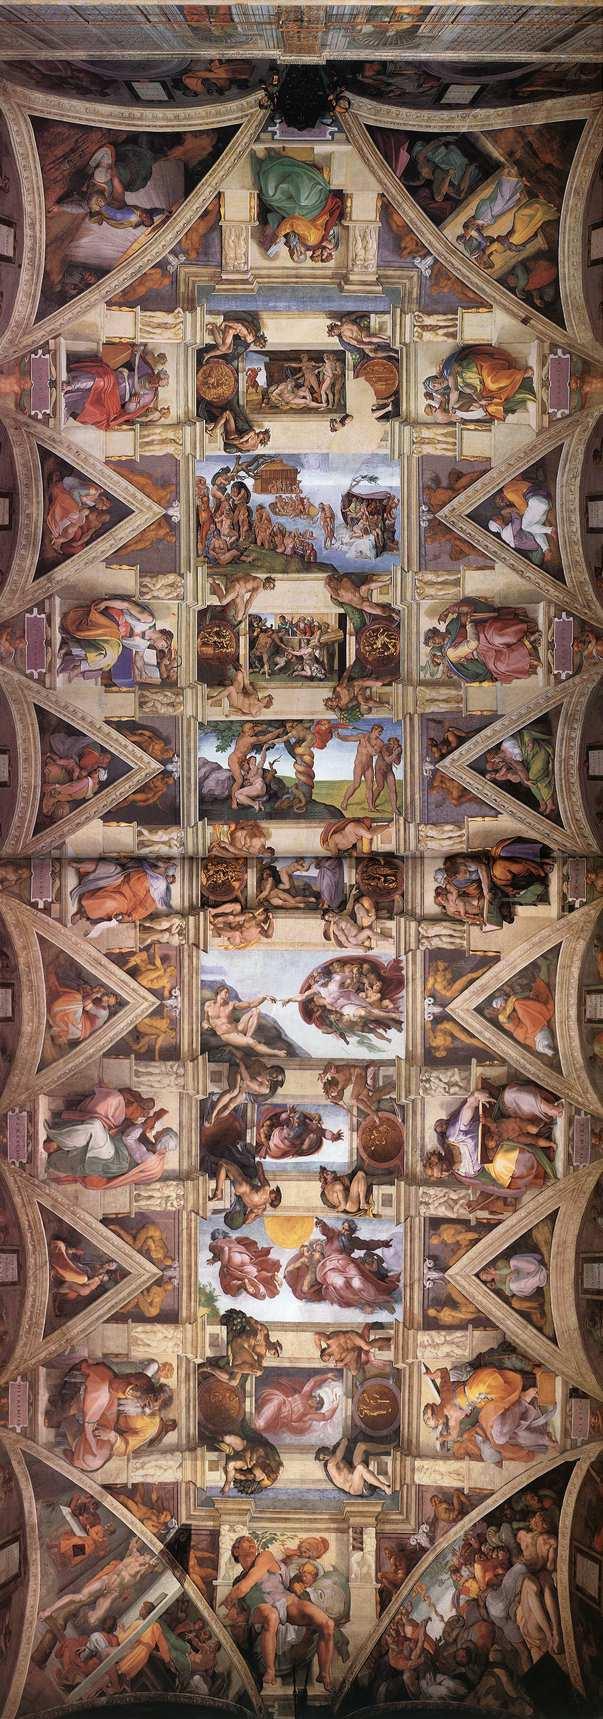 Plafond de la chapelle Sixtine à Rome.